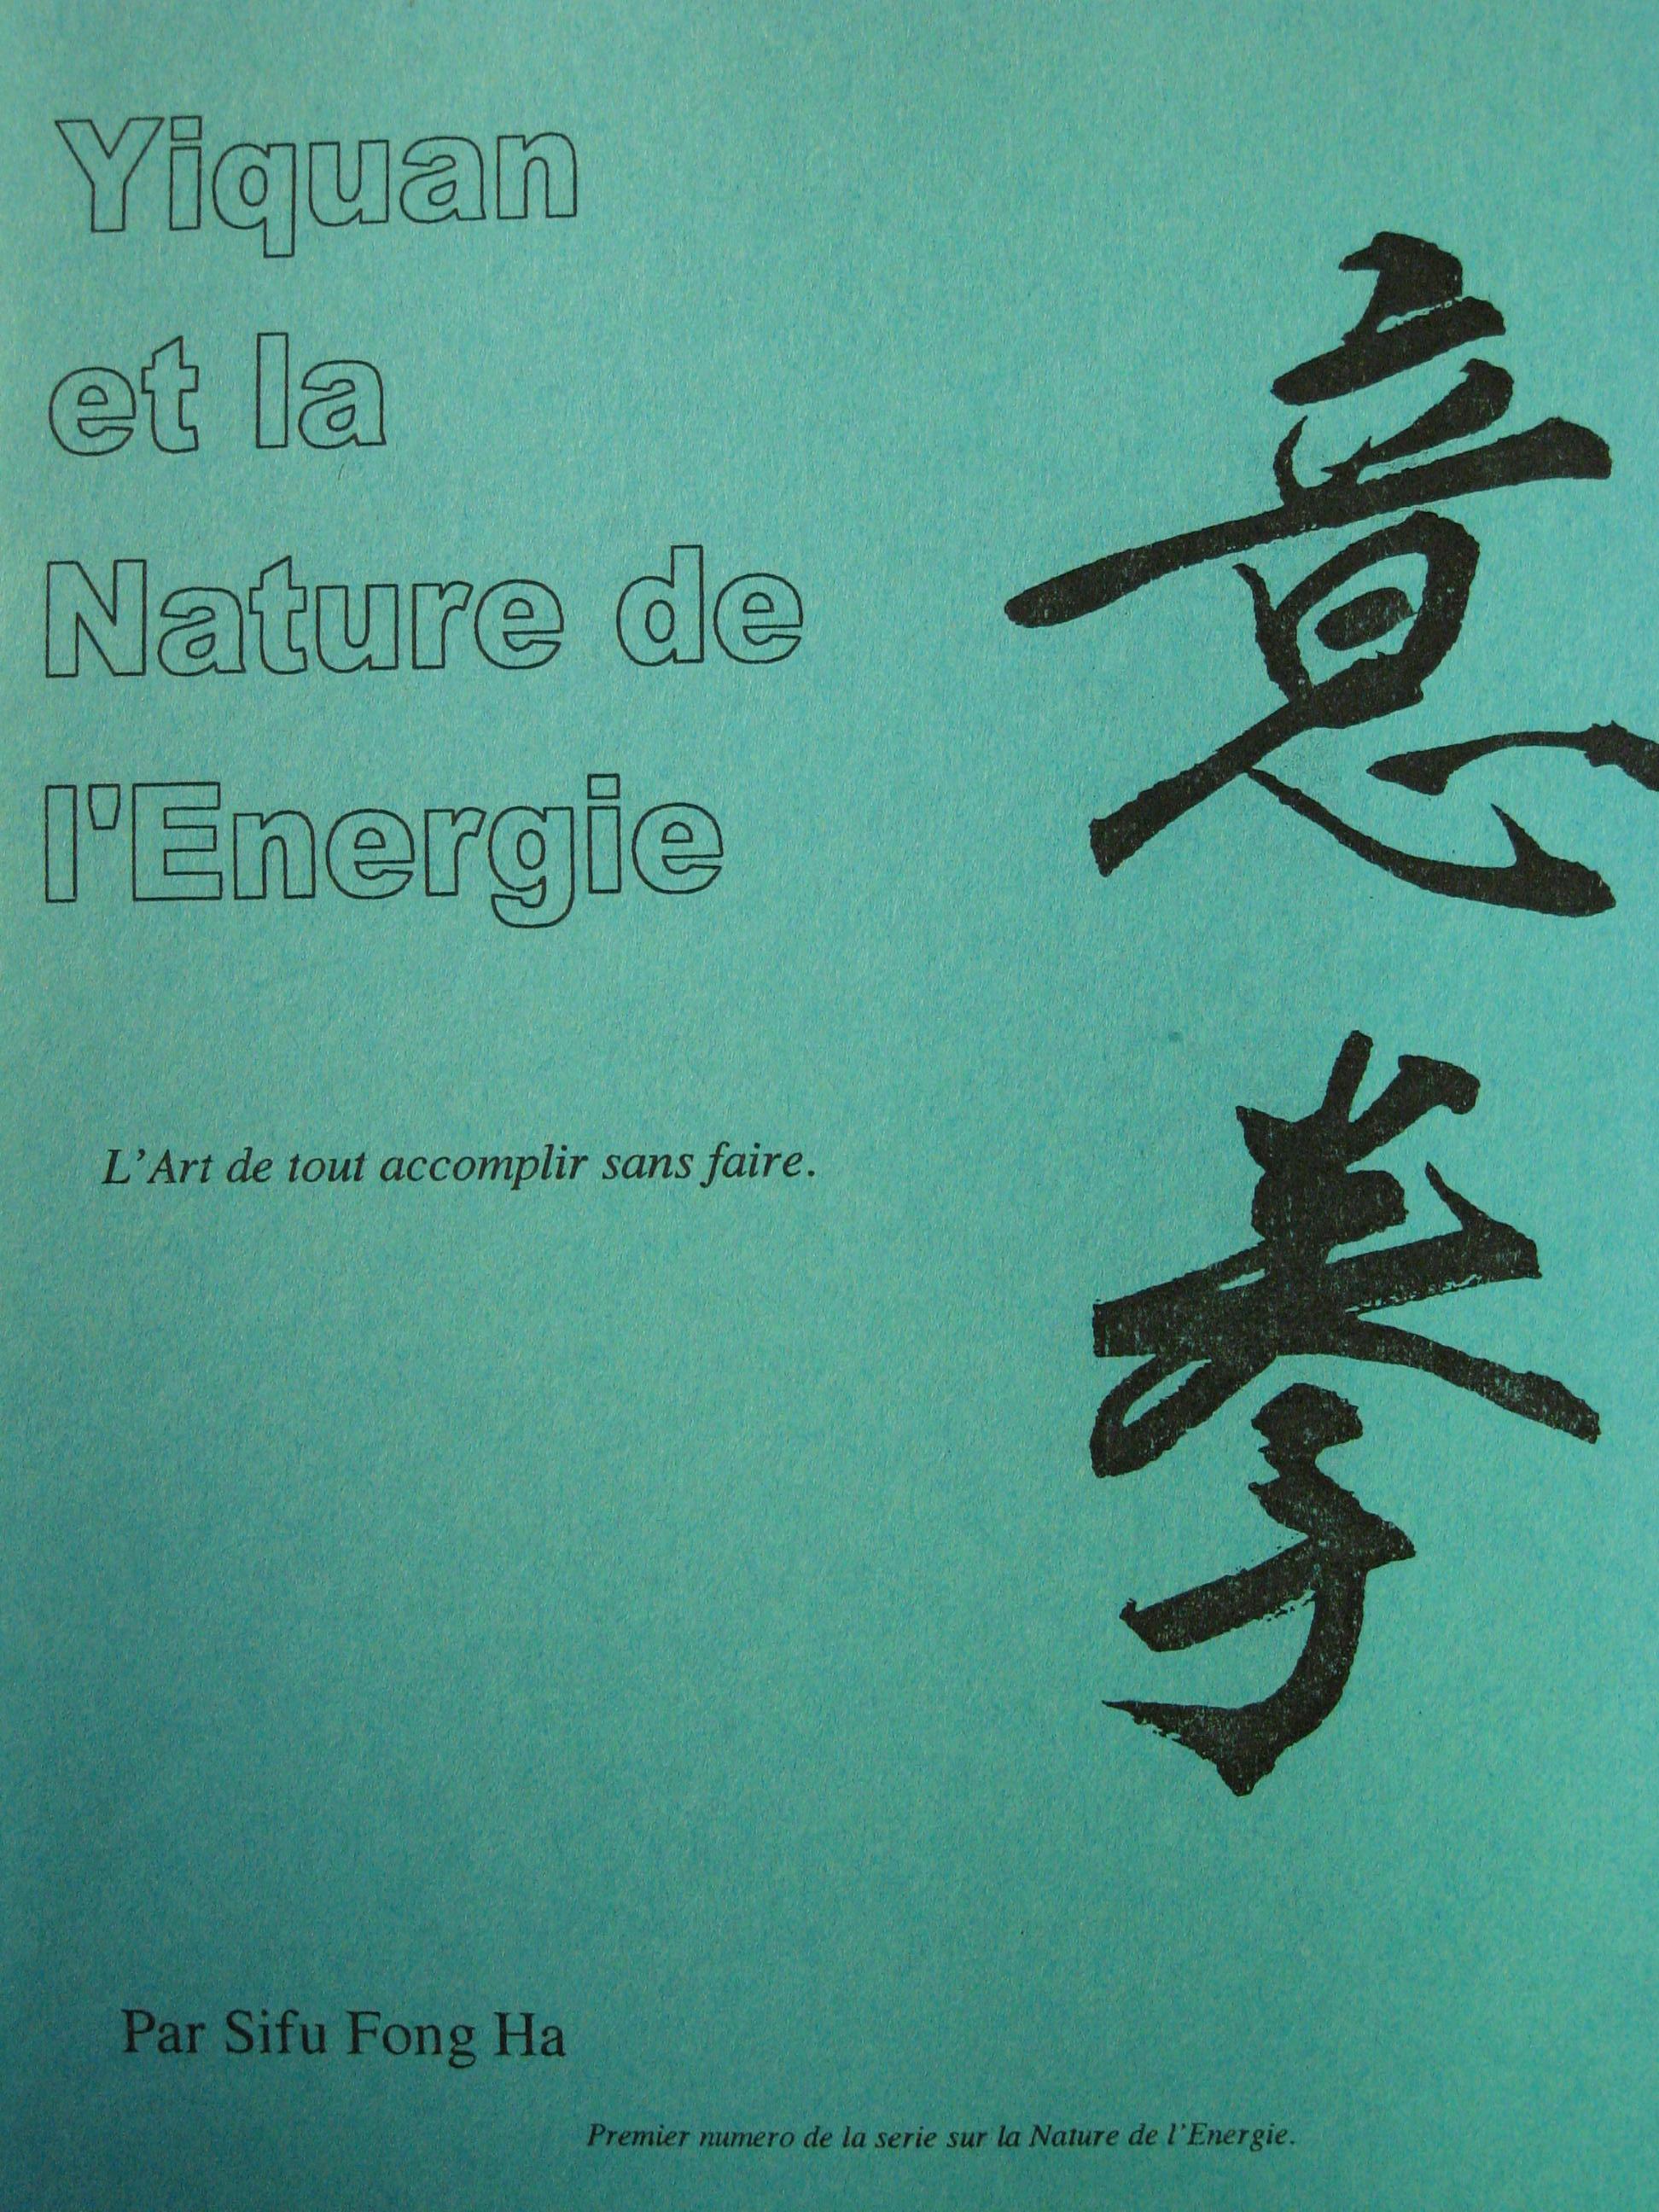 Yiquan et la Nature de l'Energie: L'Art de tout accomplir sans faire  (Complete translation in French)